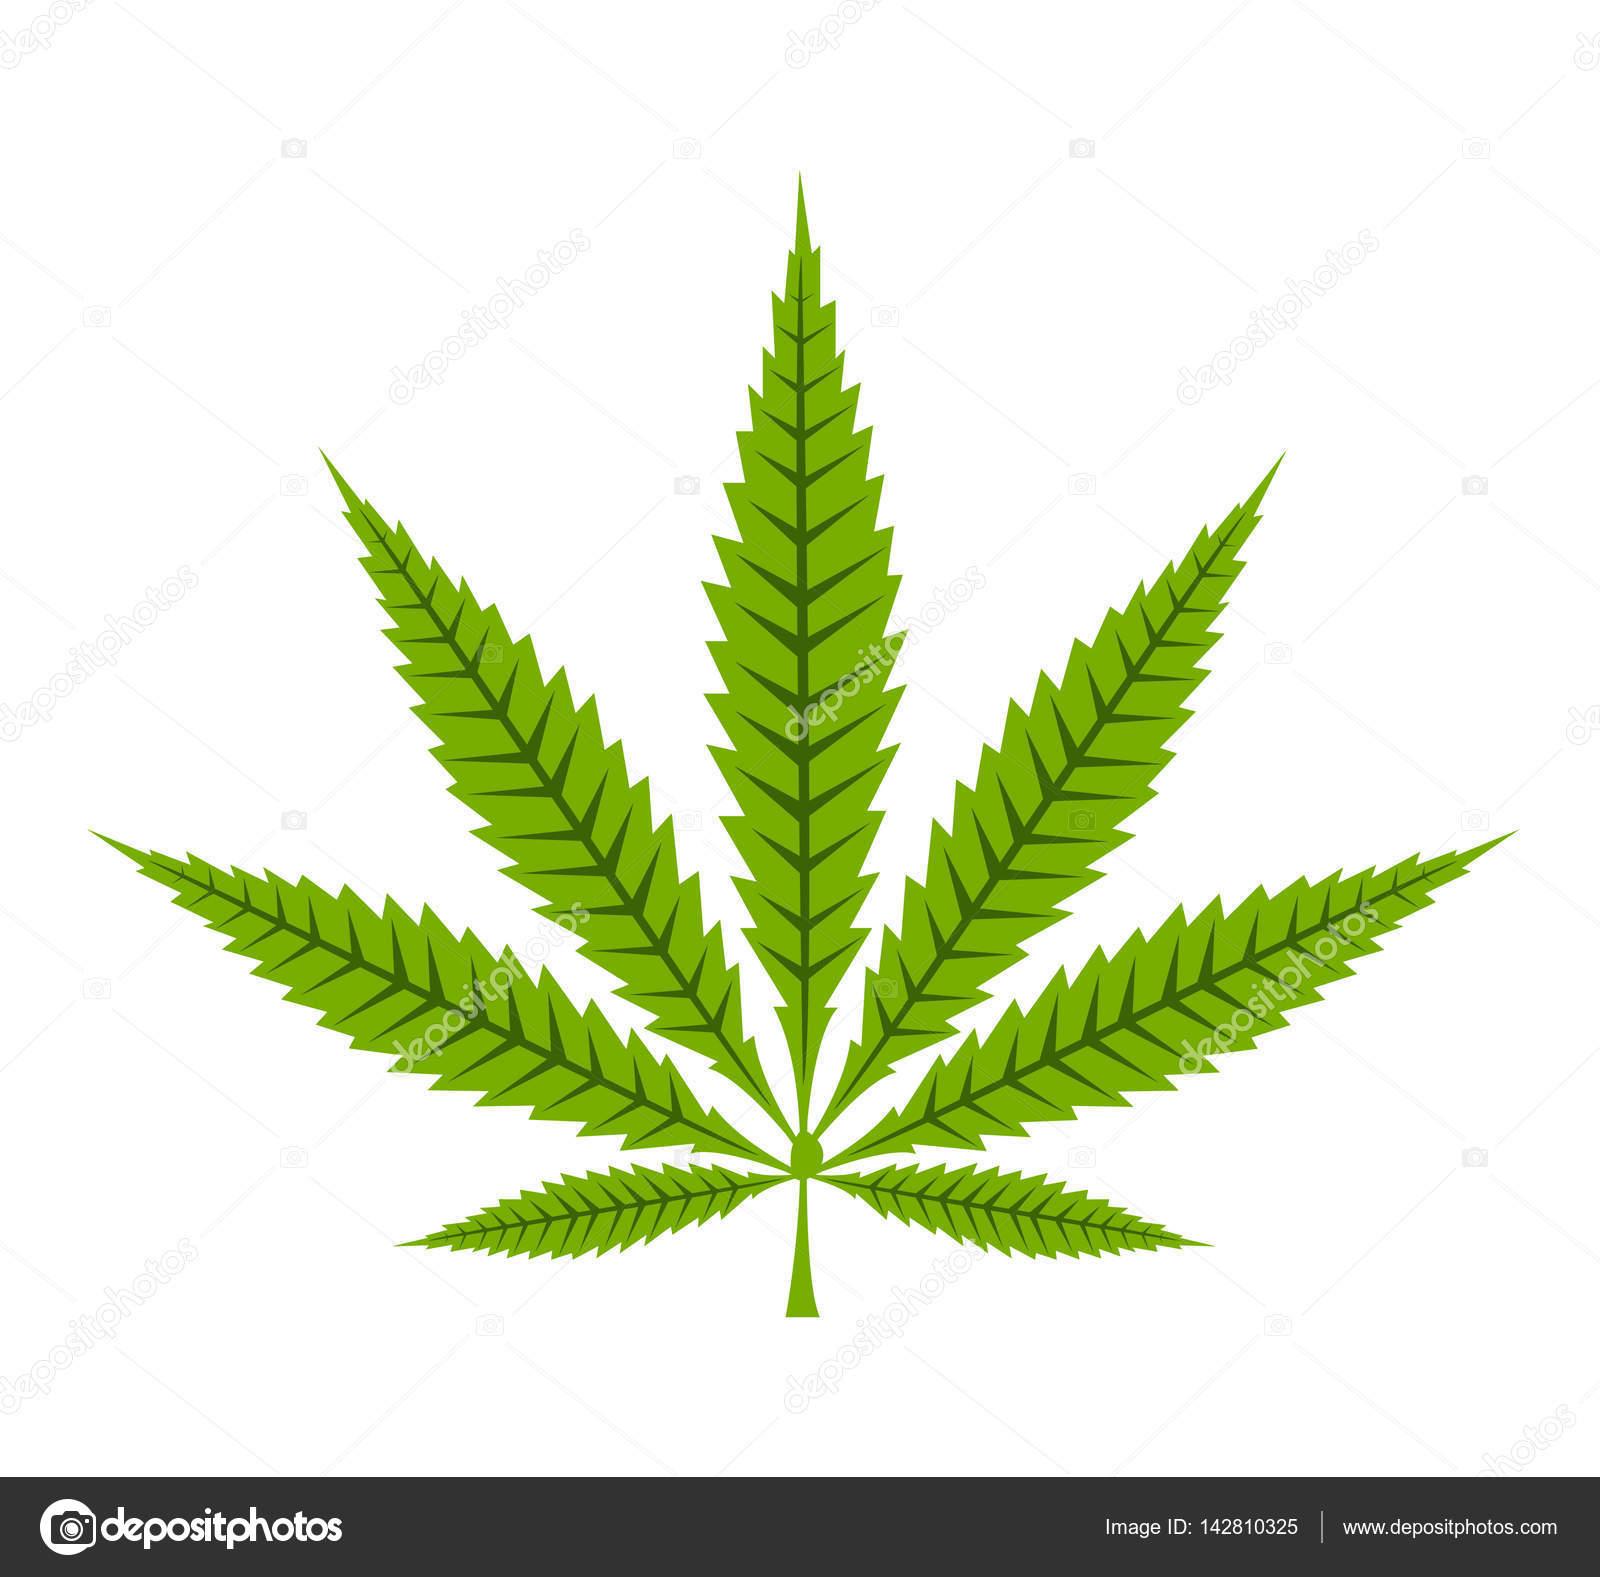 Скачать иконки конопли загибаются листья на марихуане